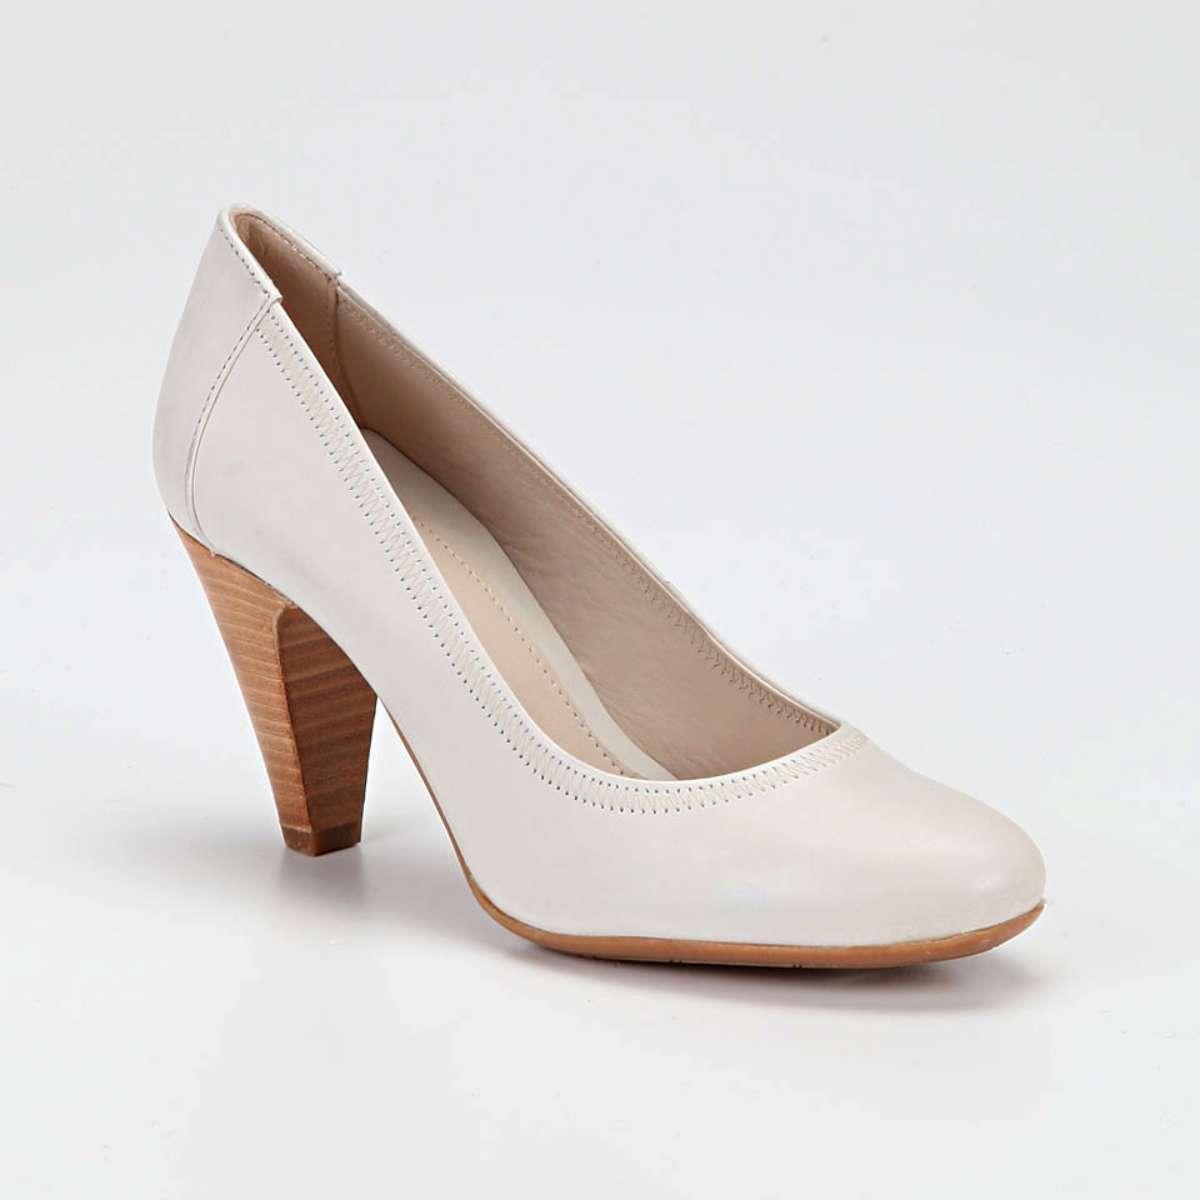 beyaz-topuklu-gelin-ayakkabi-modelleri-36